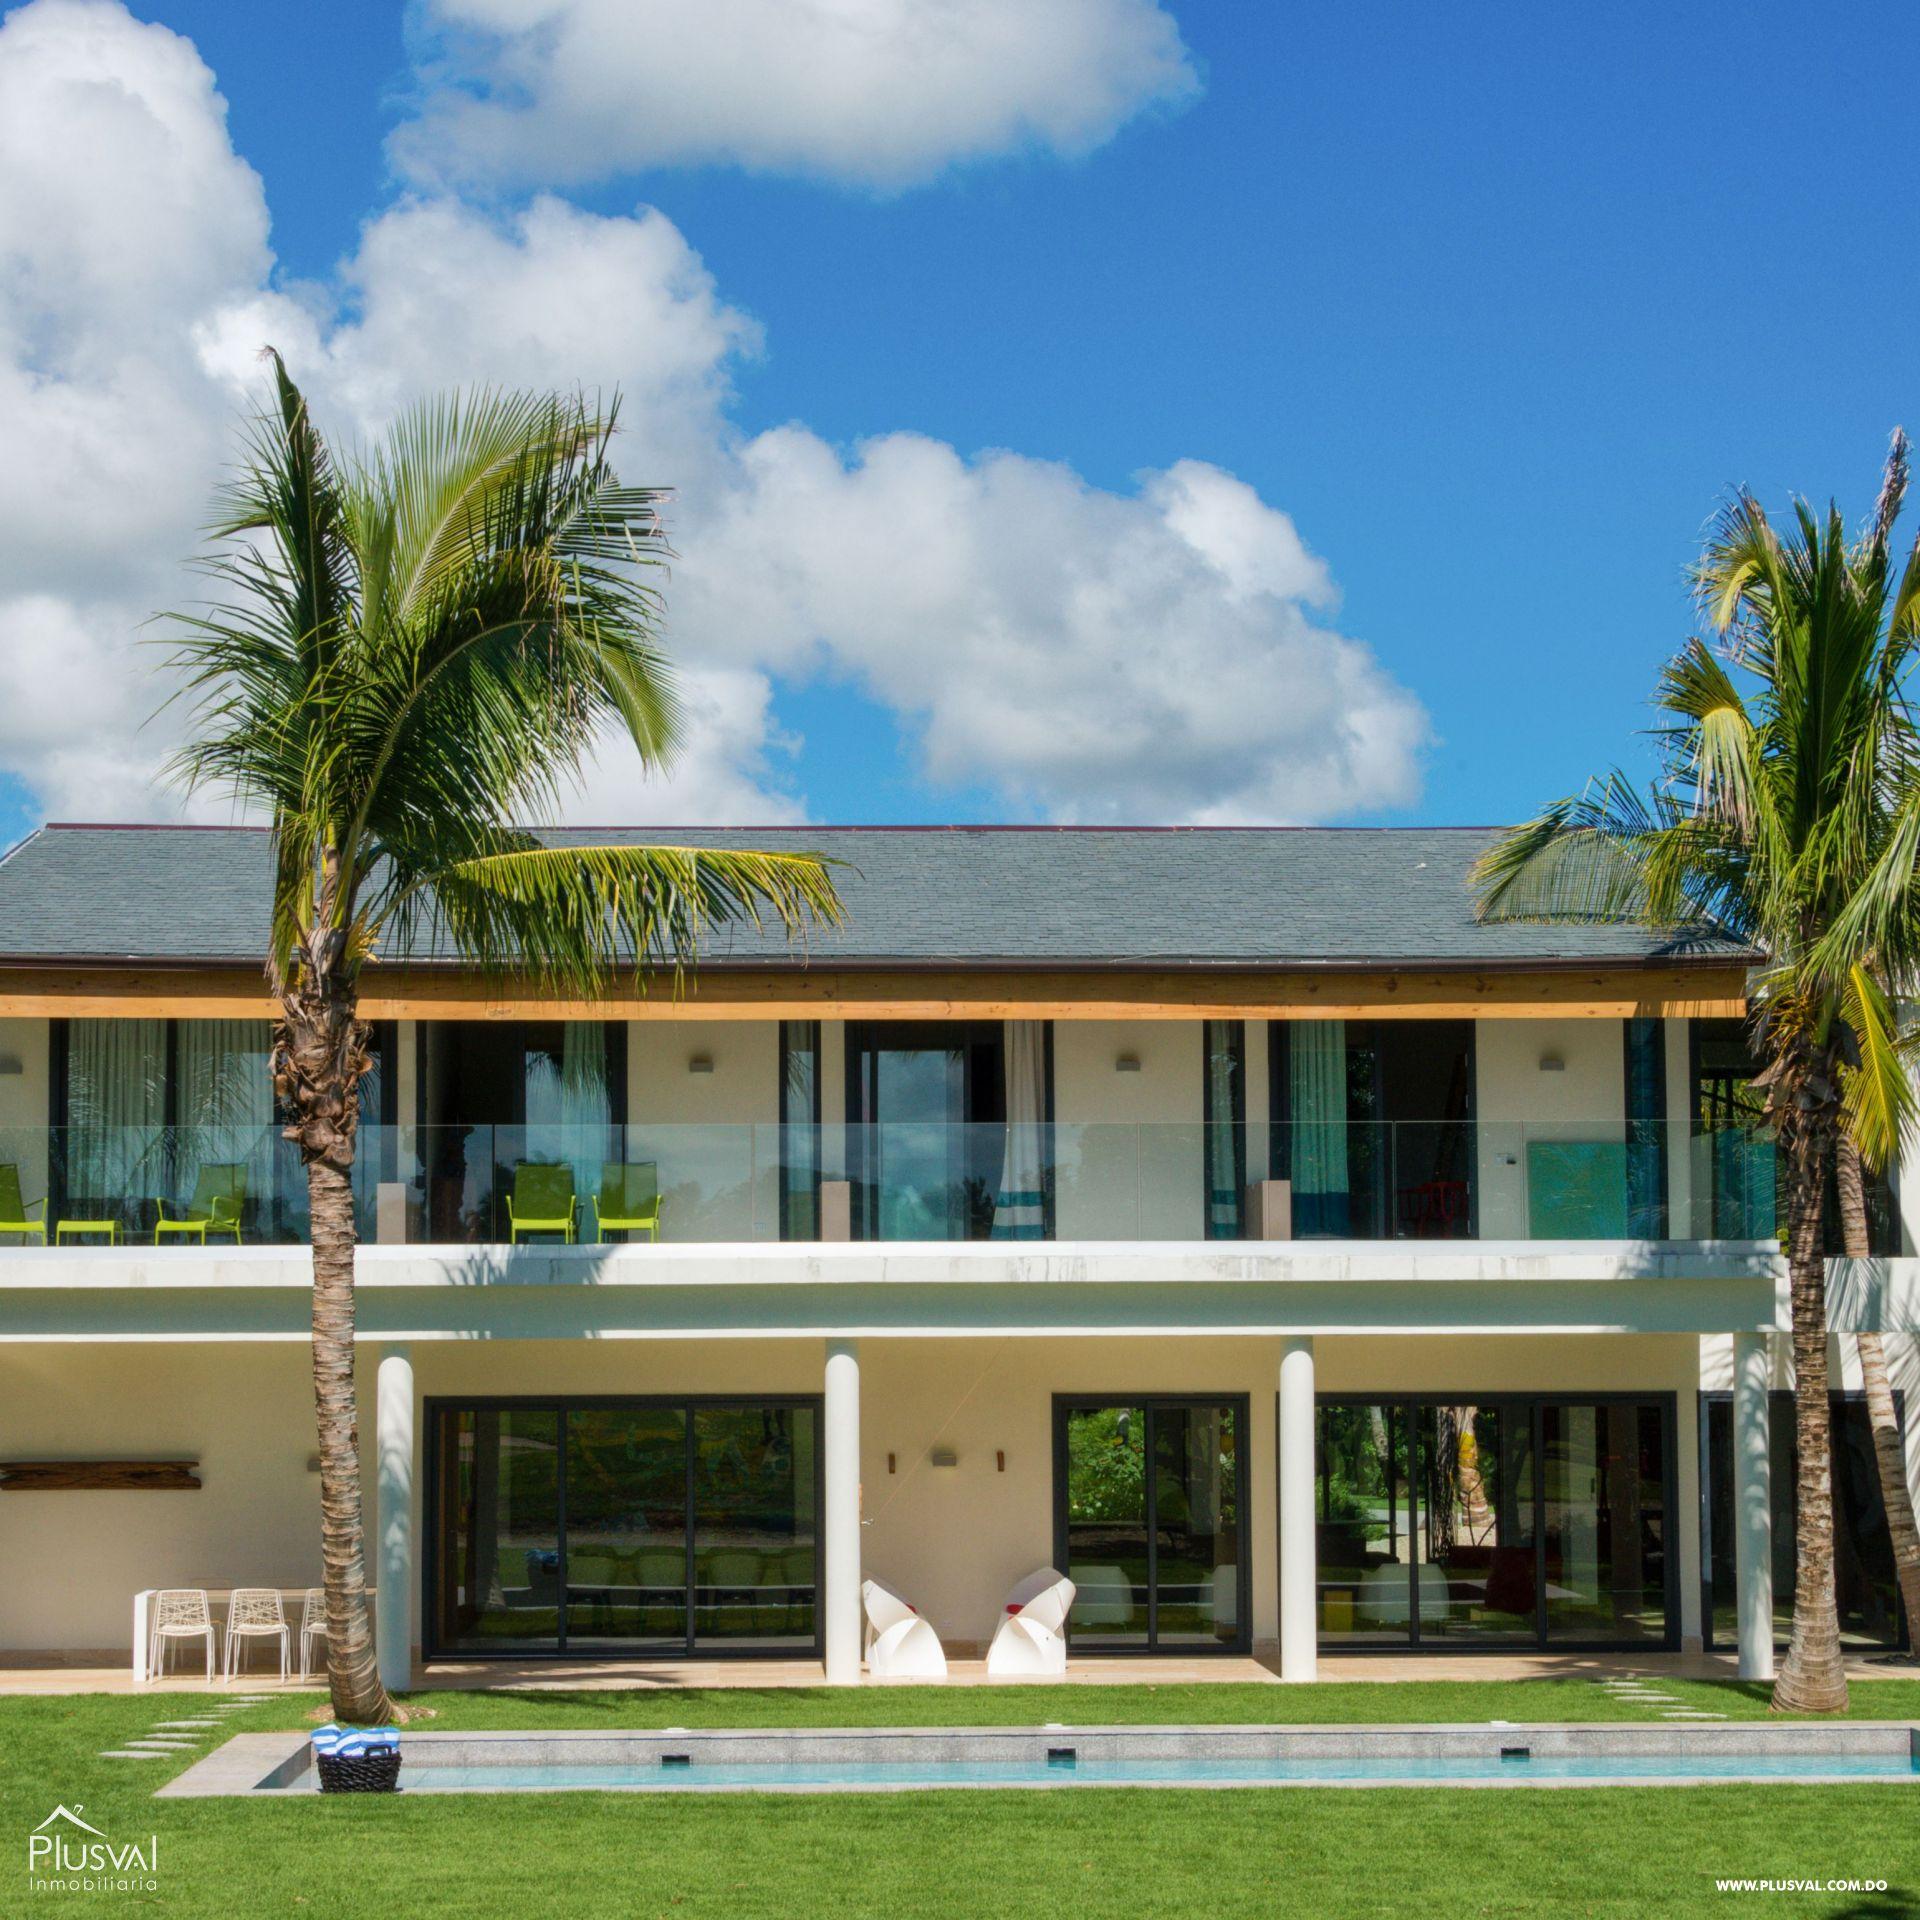 Villa Arrecife 64, Puntacana Resort